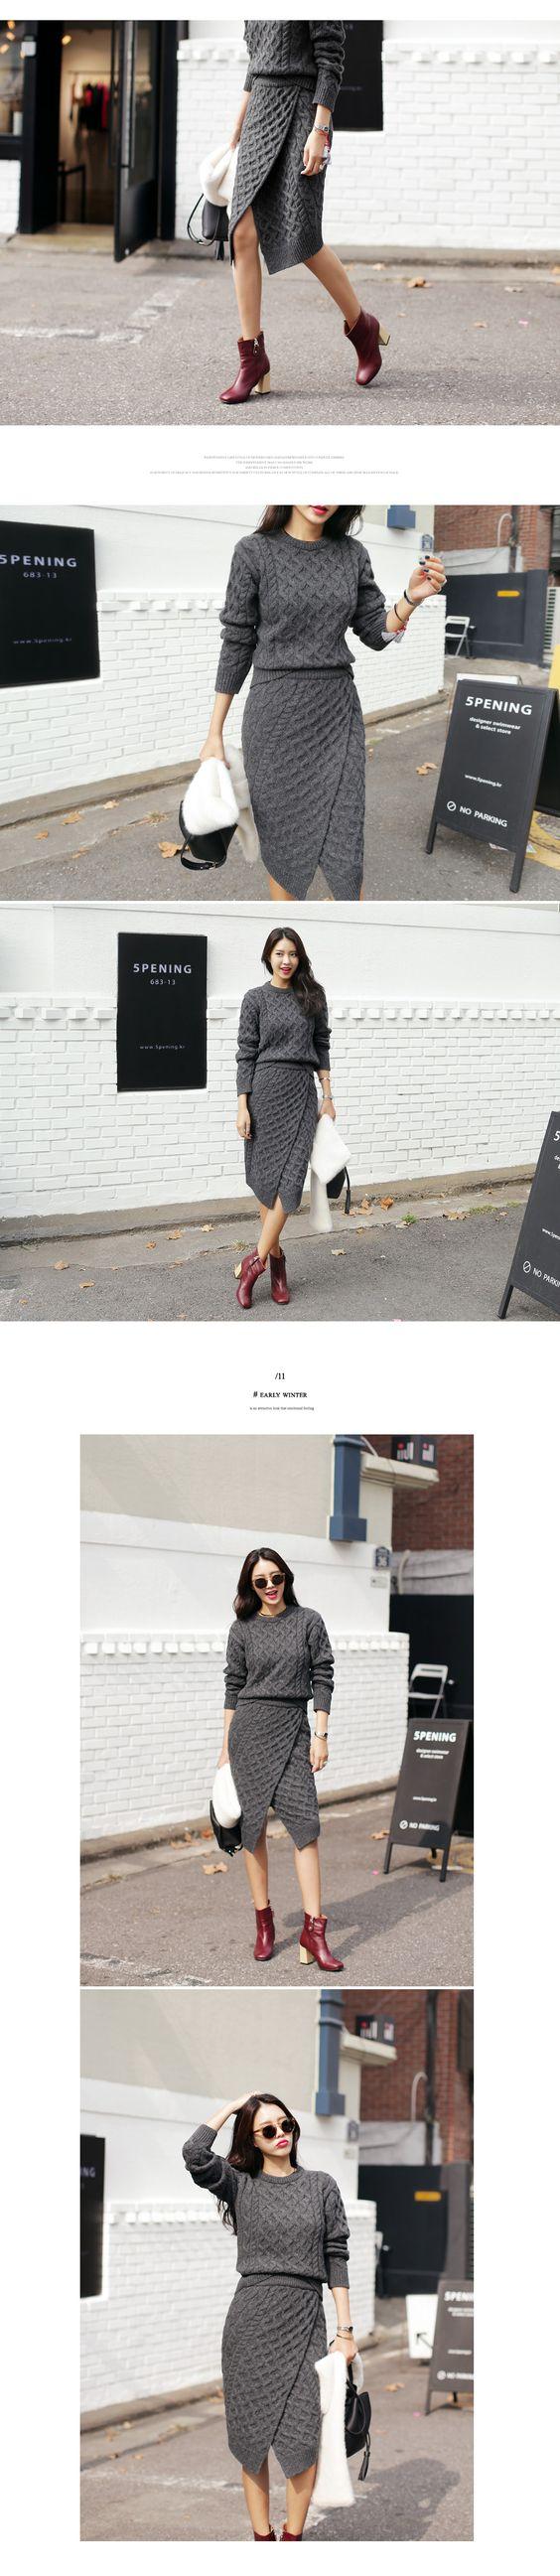 ケーブルニットラップミディスカート・全3色スカートスカート レディースファッション通販 DHOLICディーホリック [ファストファッション 水着 ワンピース]